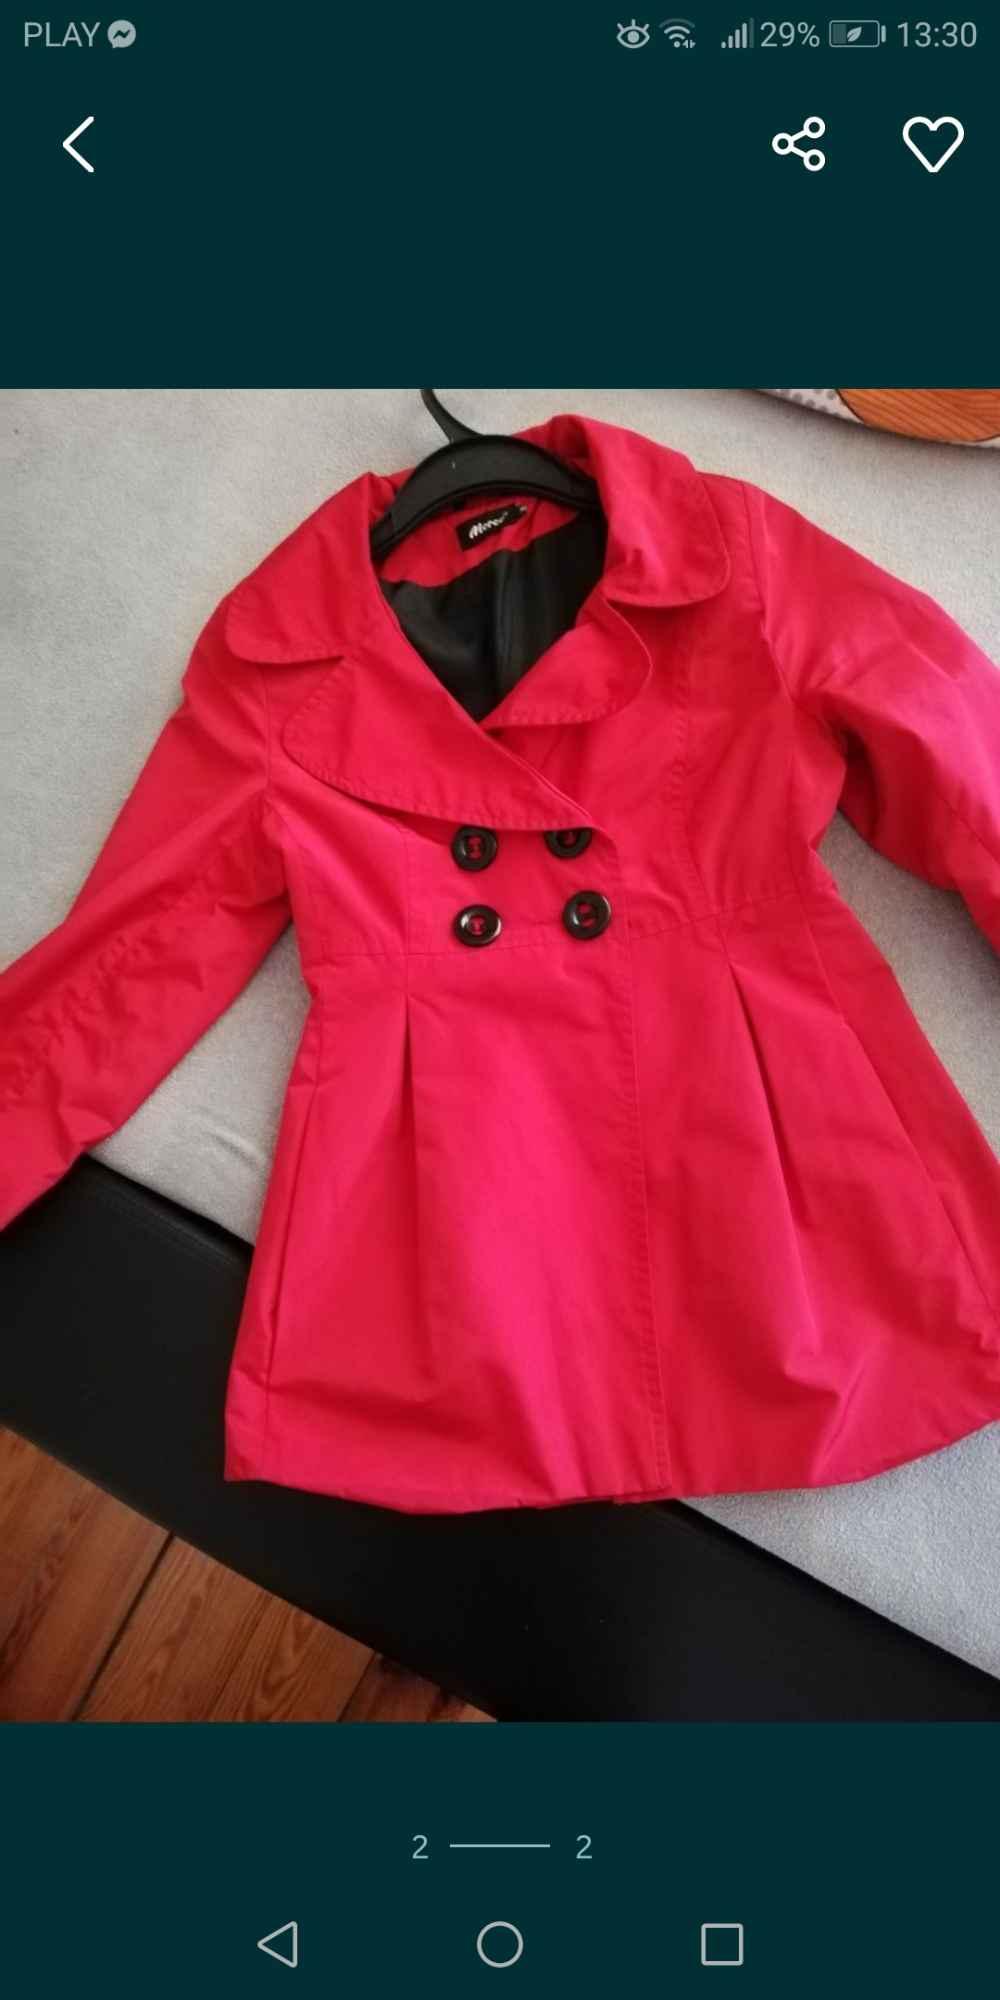 Sprzedam ubrania Syców - zdjęcie 3